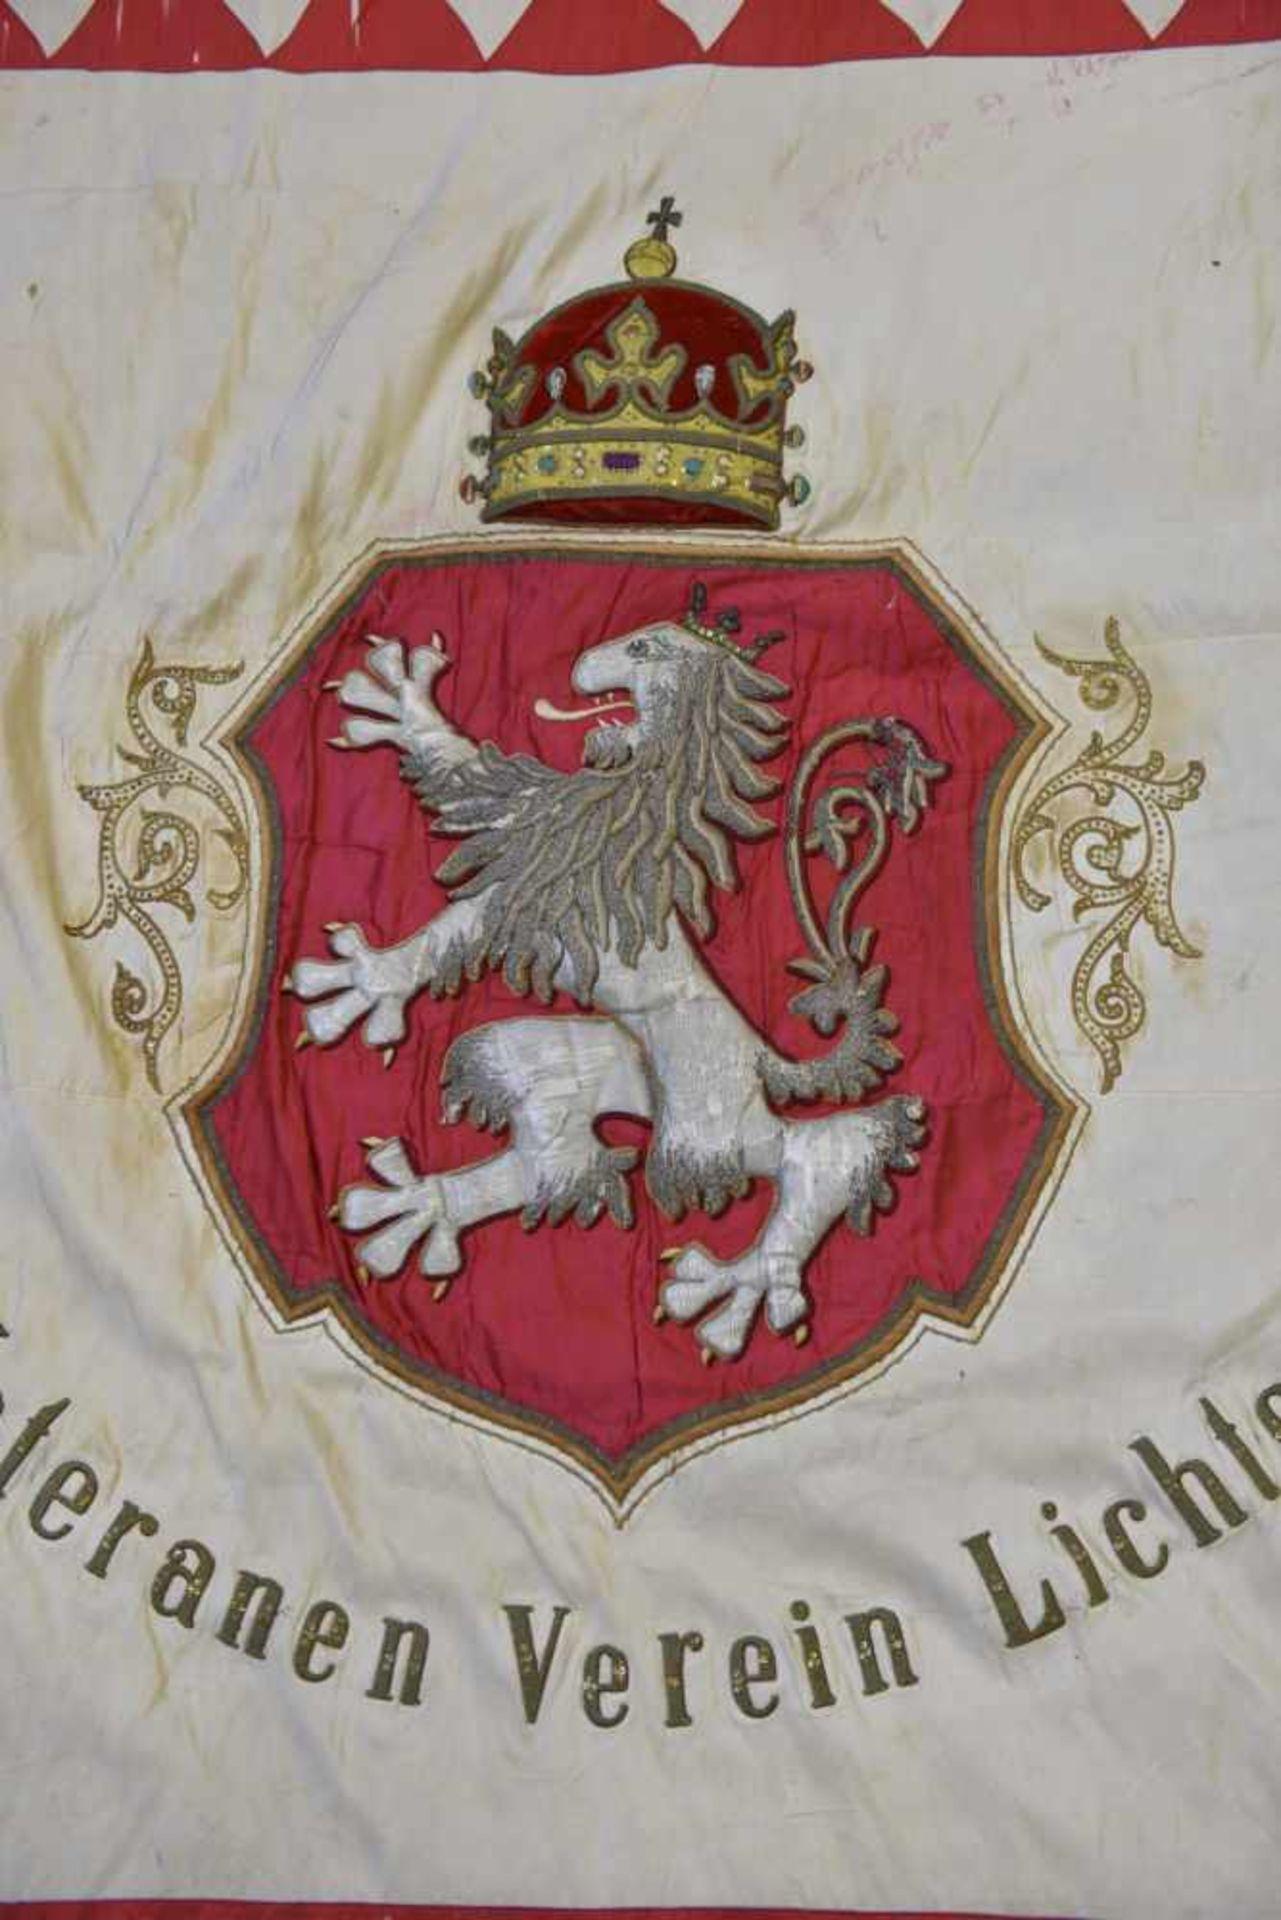 Drapeau de l'association des vétérans militaires de Lichtenwald en Basse Styrie Biface. Recto en - Bild 4 aus 4